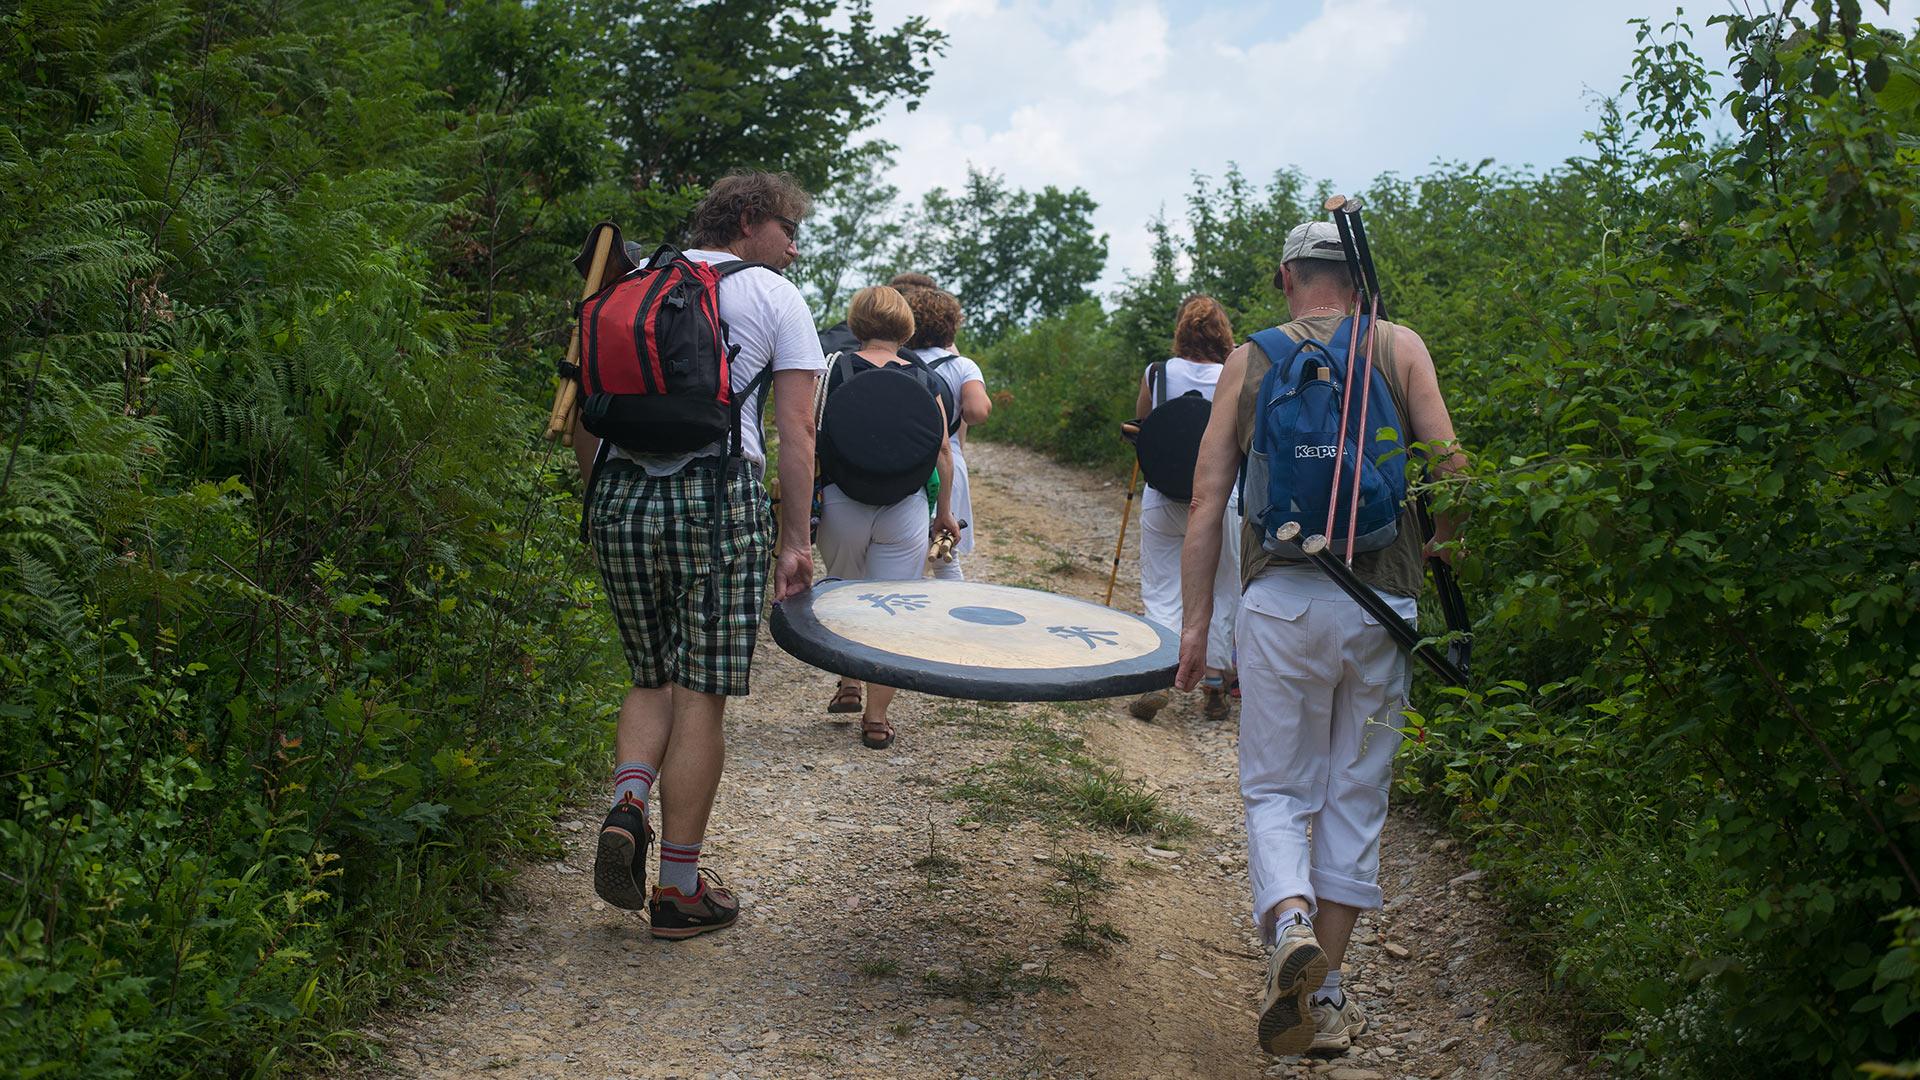 Pot na piramido meseca, kjer je potekala meditacija, Visoko 2016